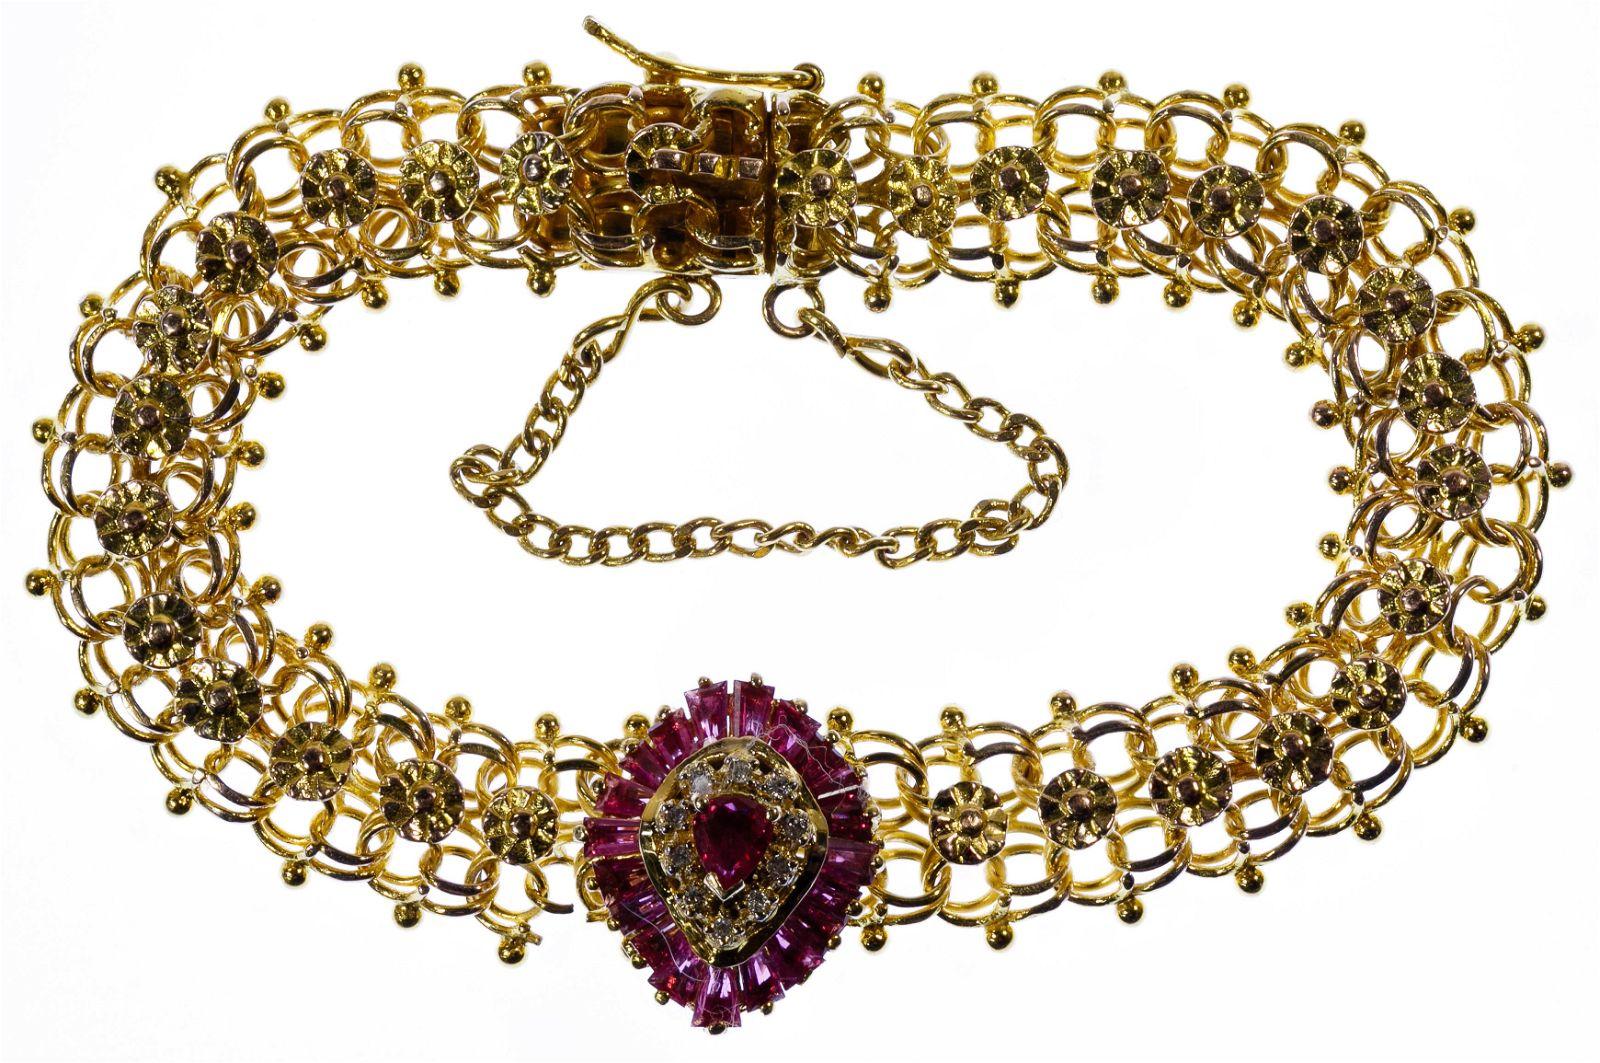 10k Gold, Ruby and Diamond Bracelet